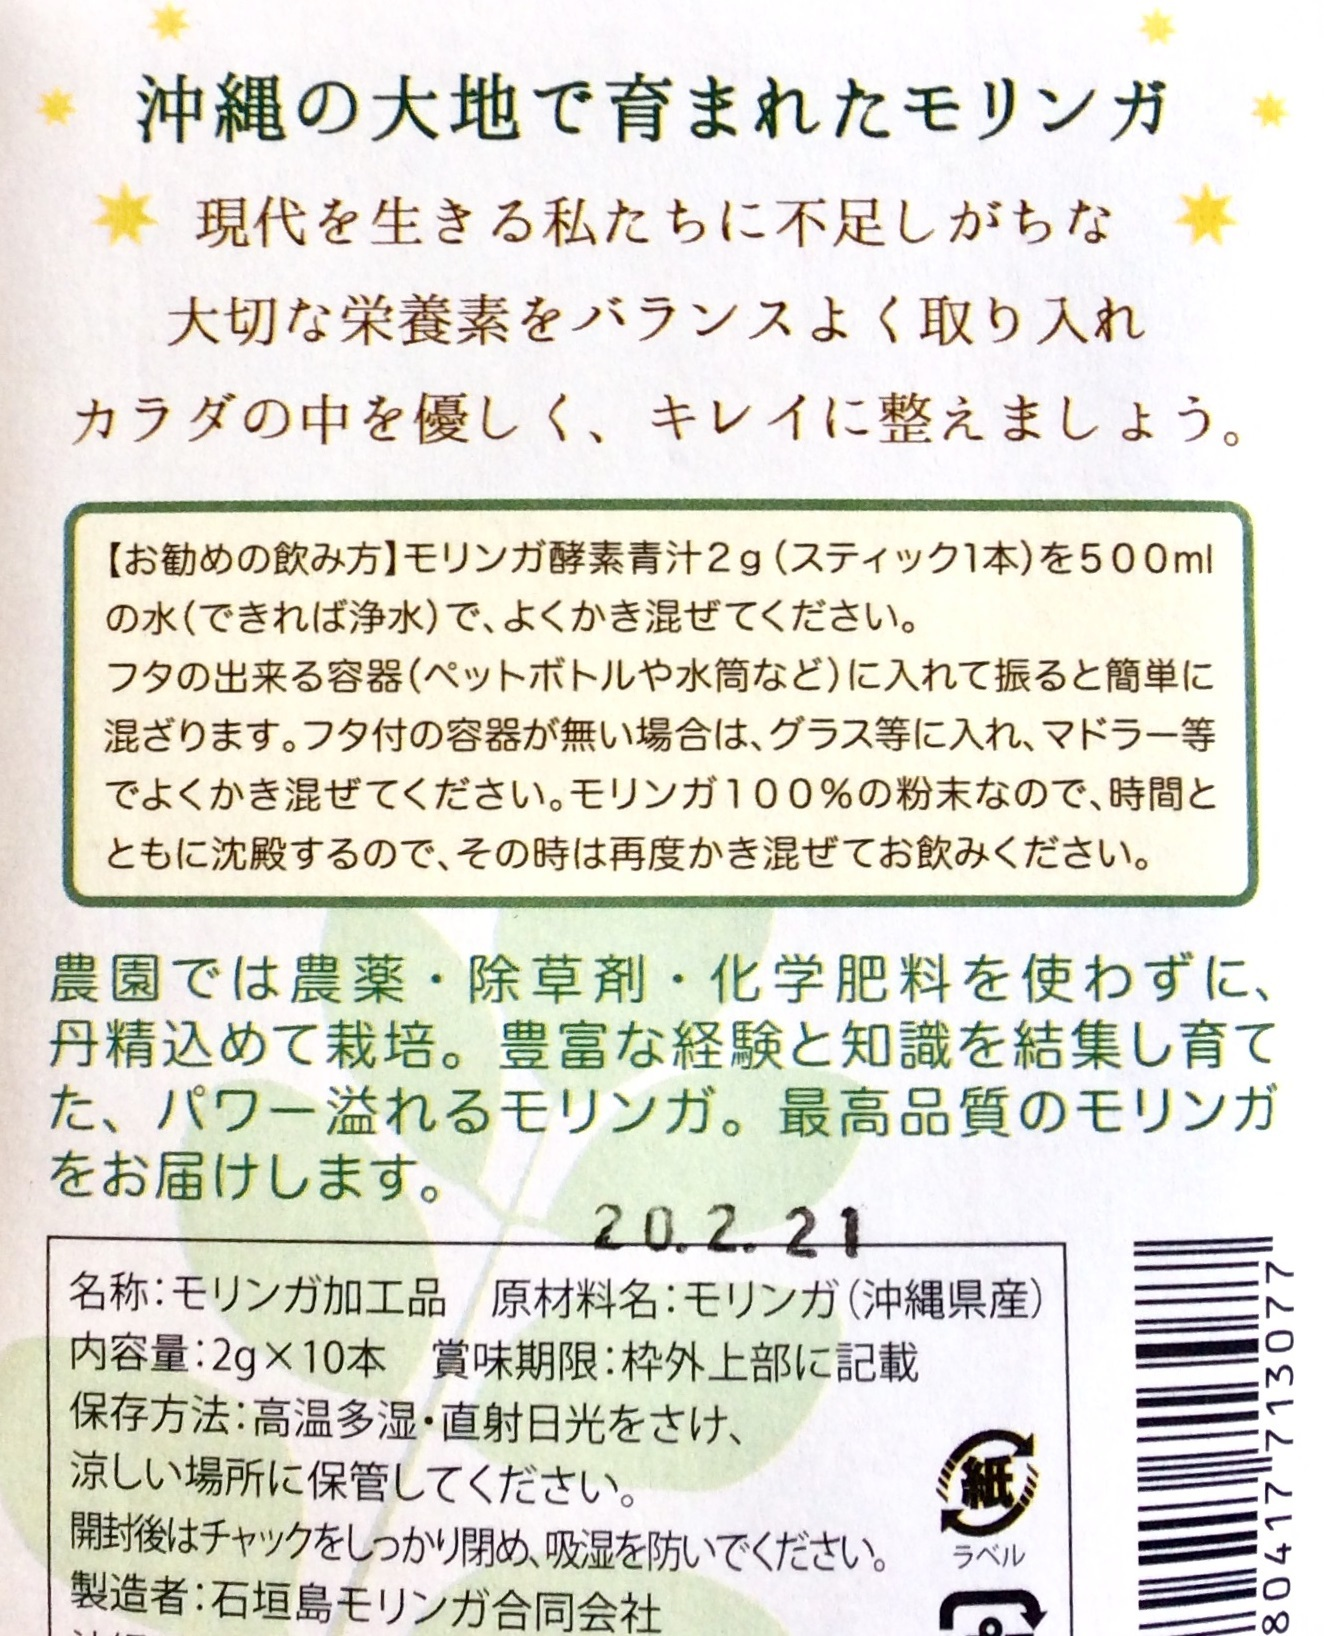 4DC5B5DE-6376-4329-97D4-E4B76BFB7E33.jpeg